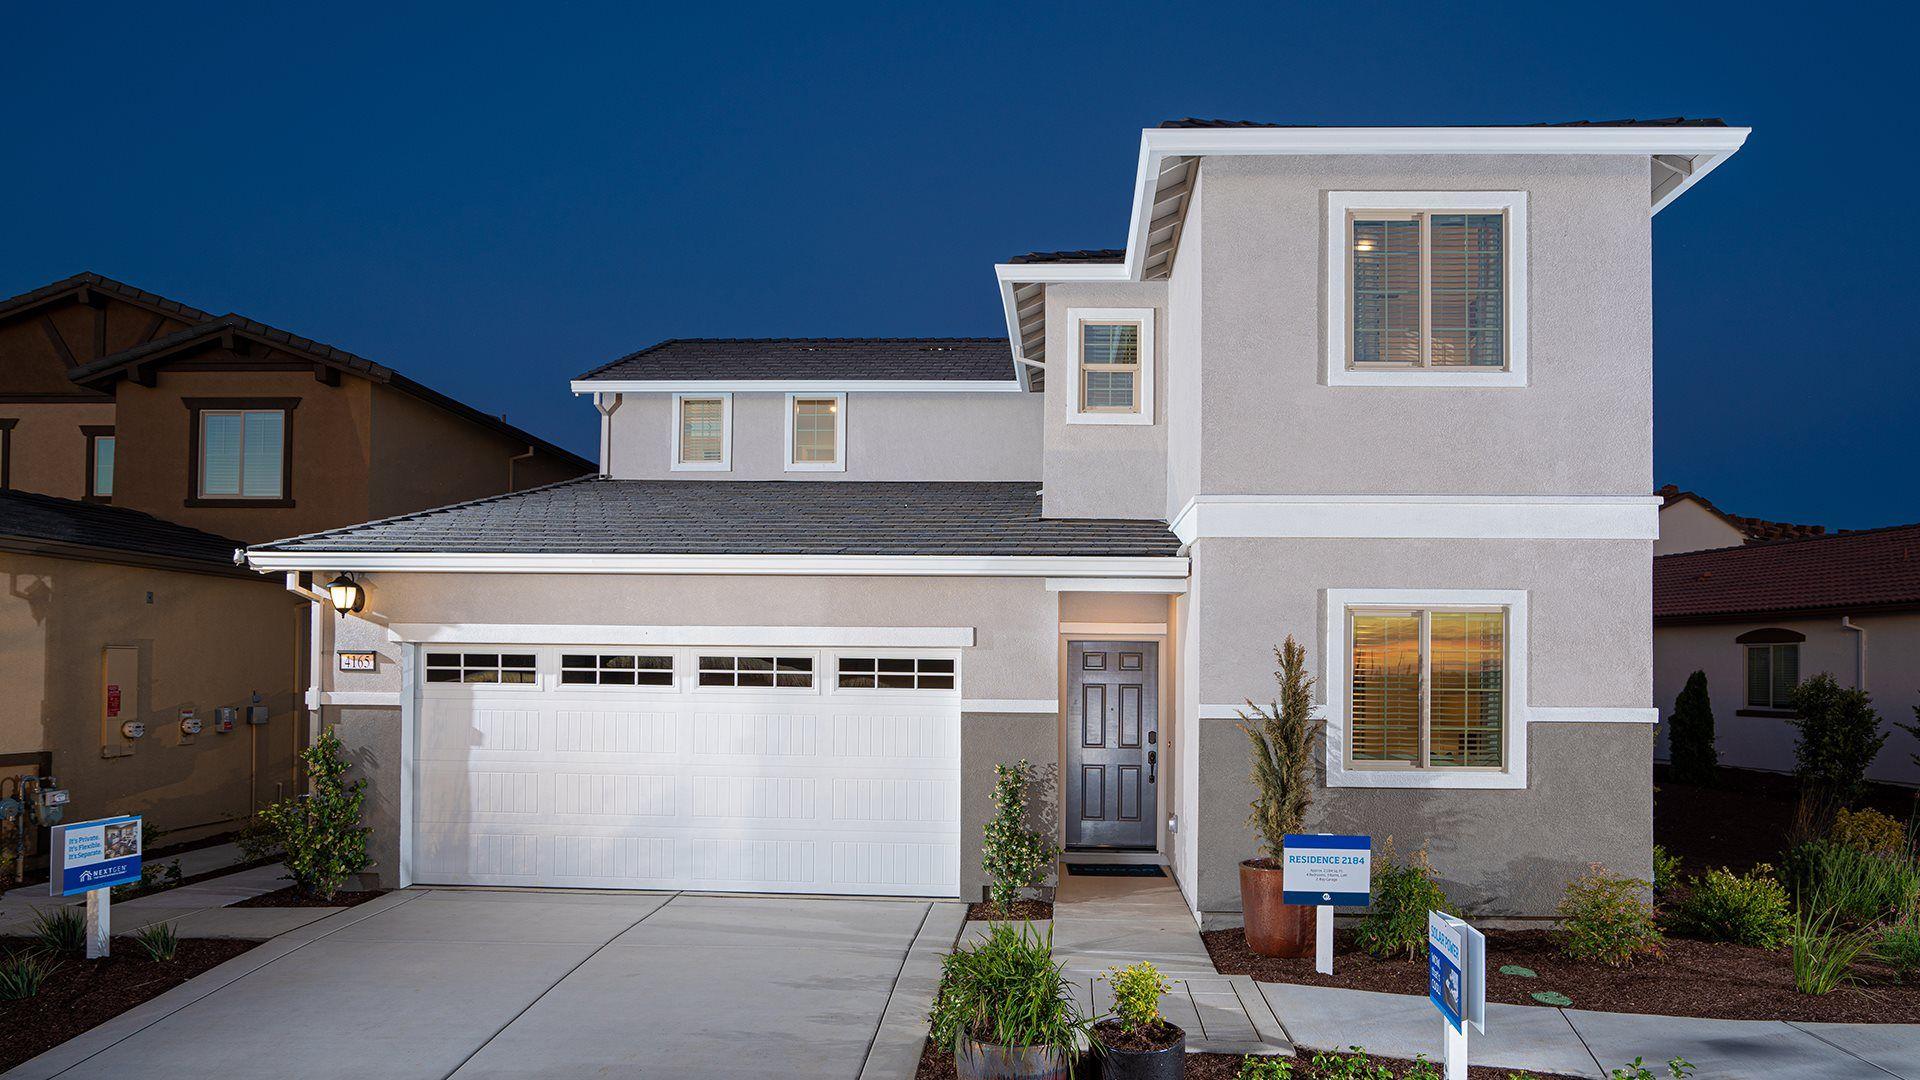 Residence 2184 | Model Home